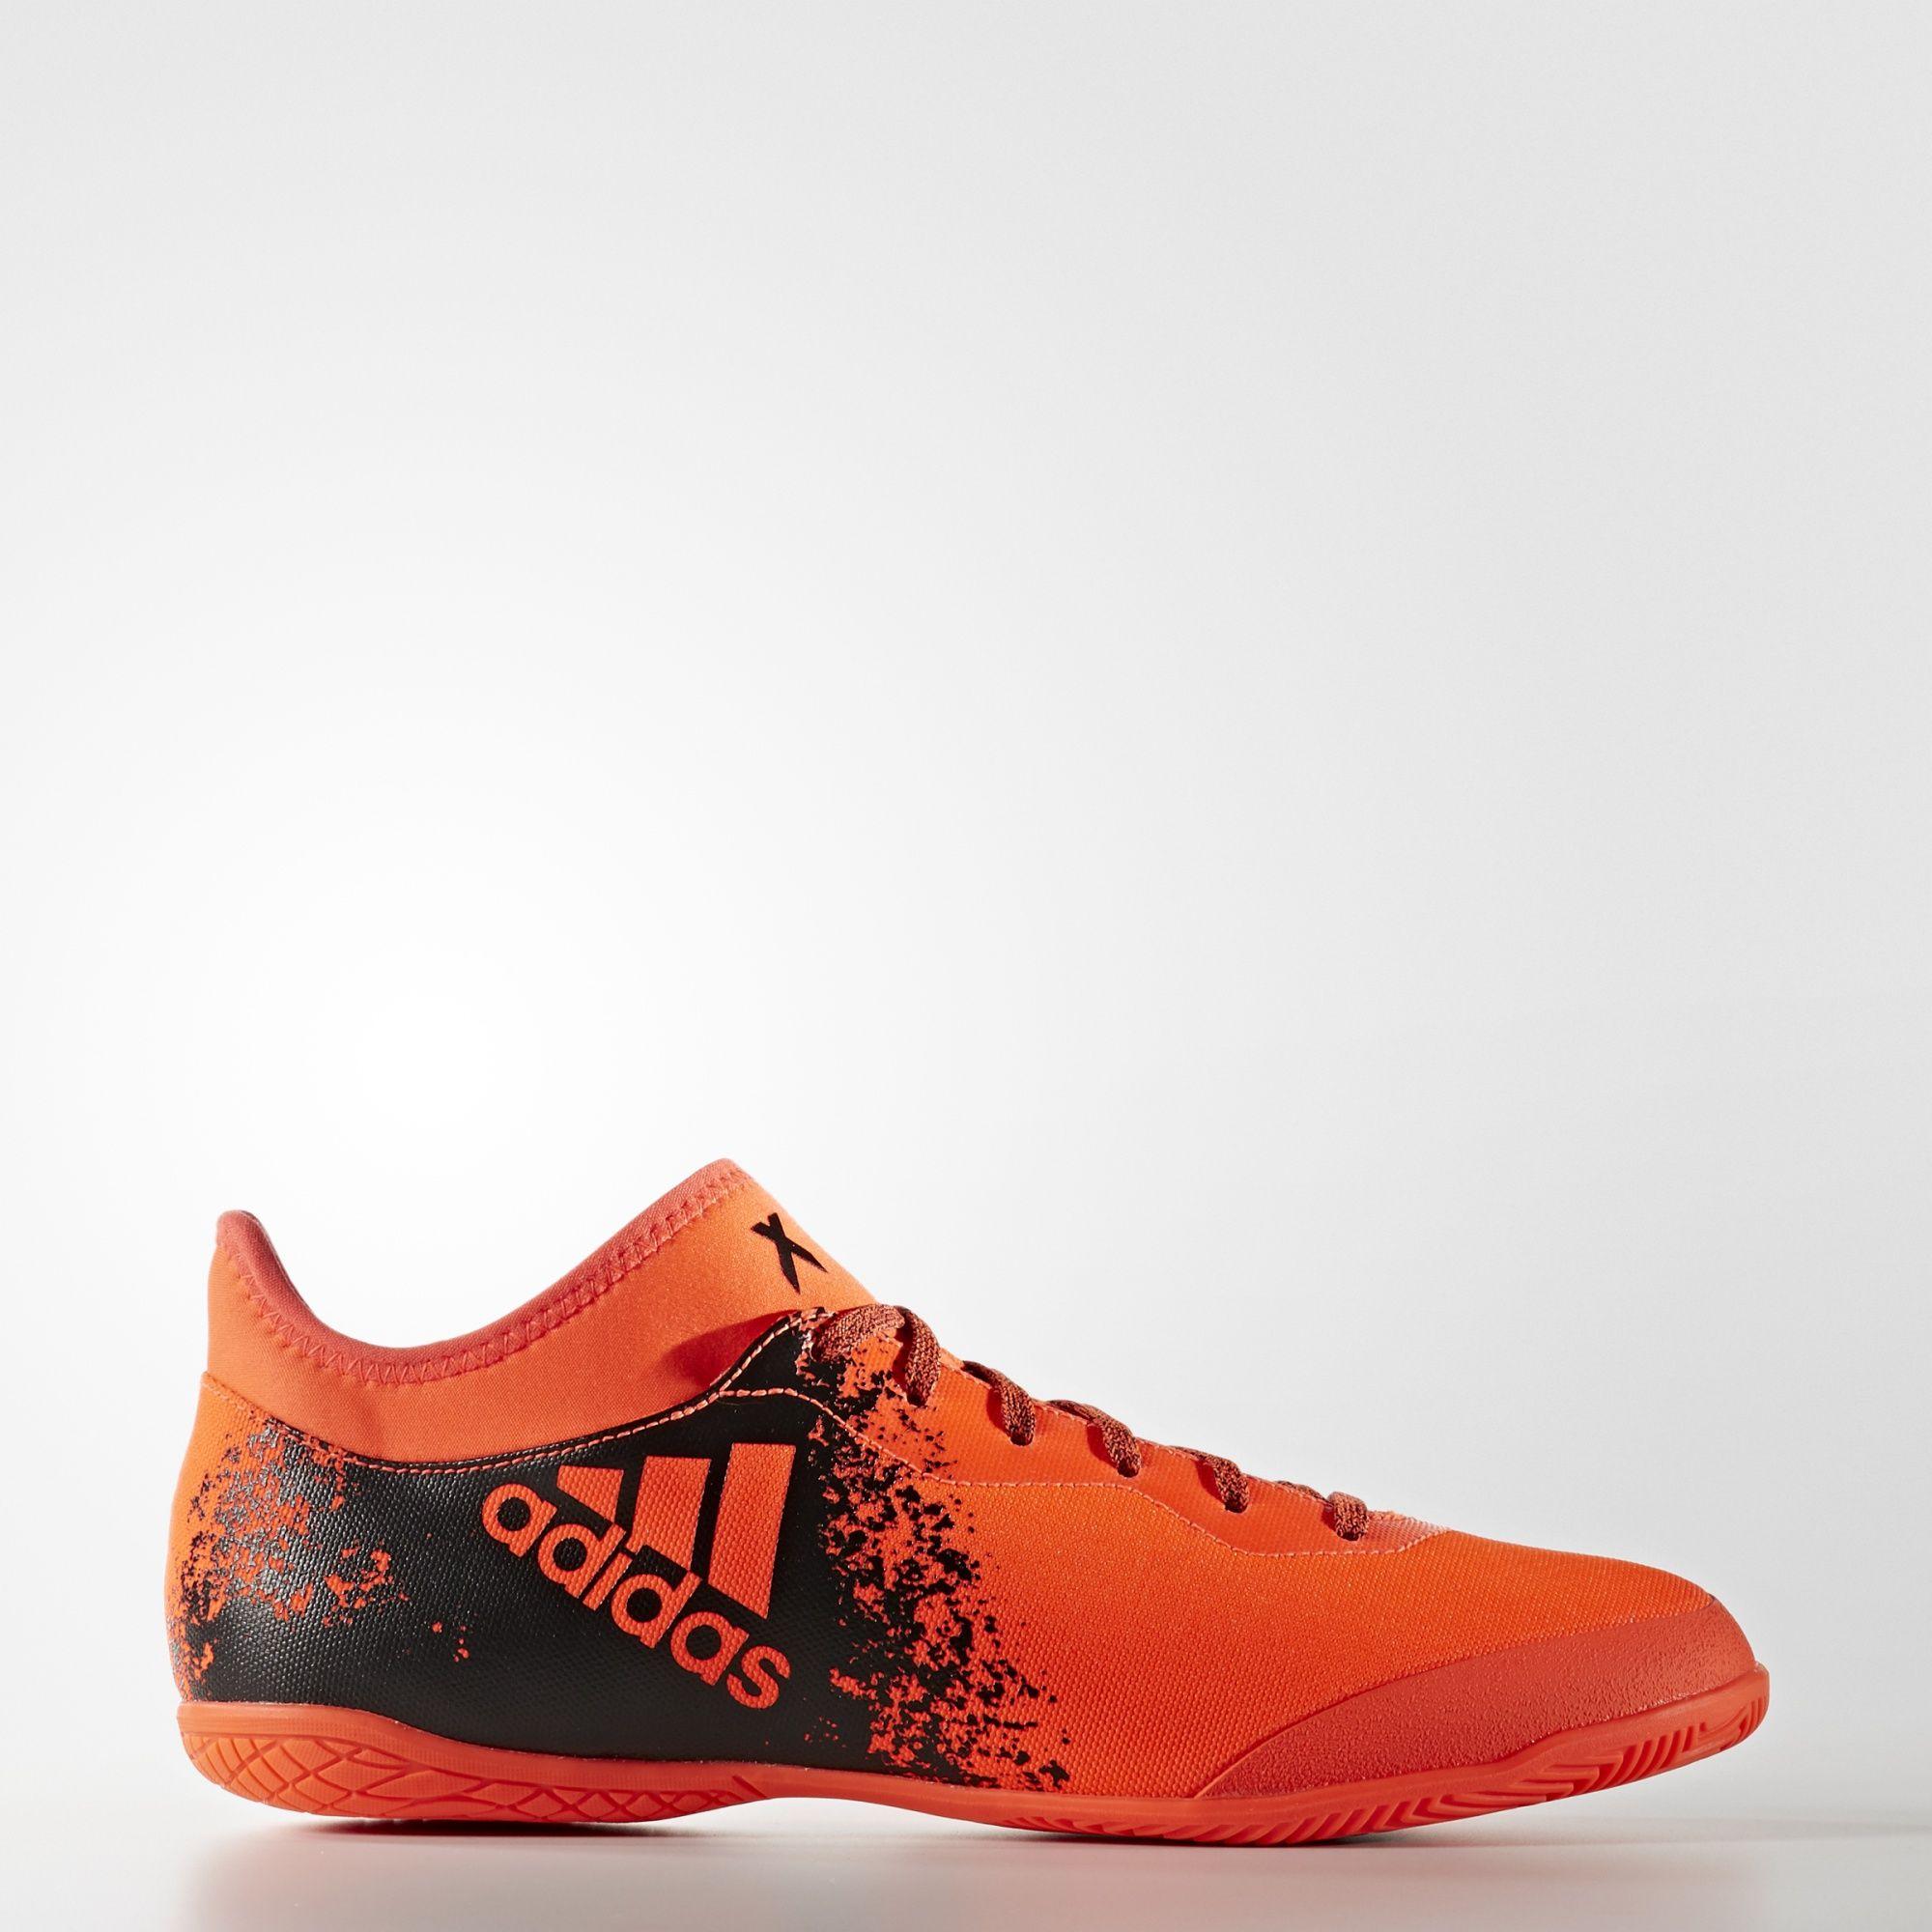 adidas X 16.3 Court Męskie buty piłkarskie Halówki